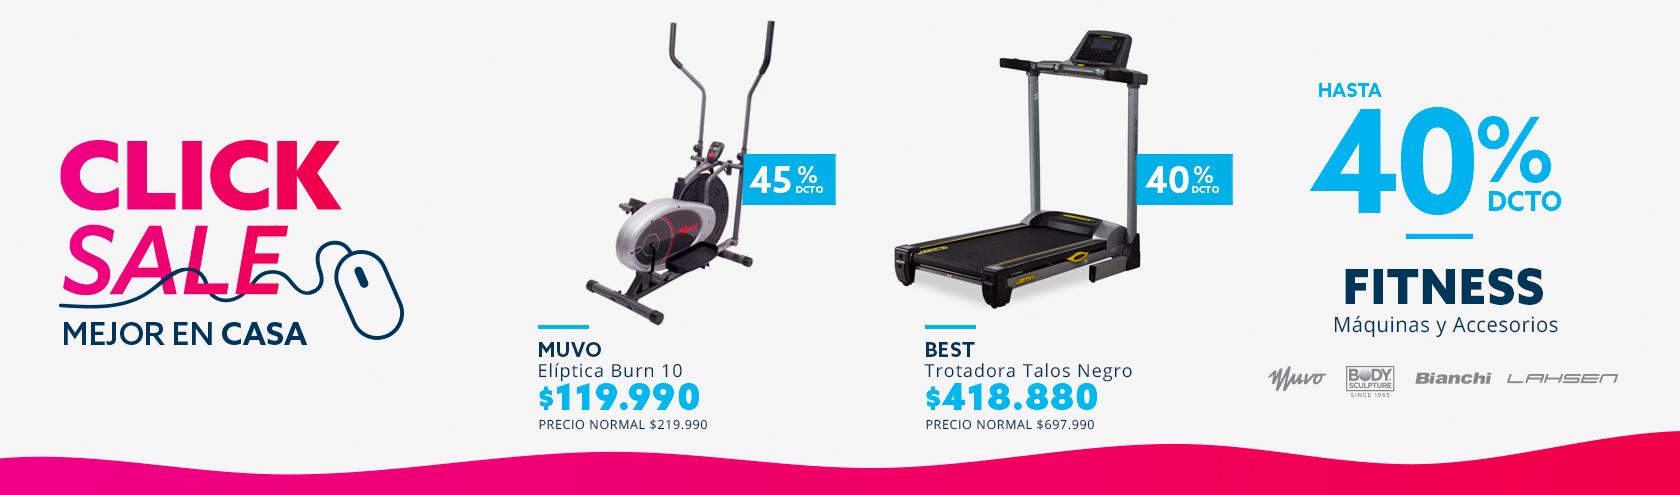 Hasta 40% de dcto en Fitness, máquinas y accesorios